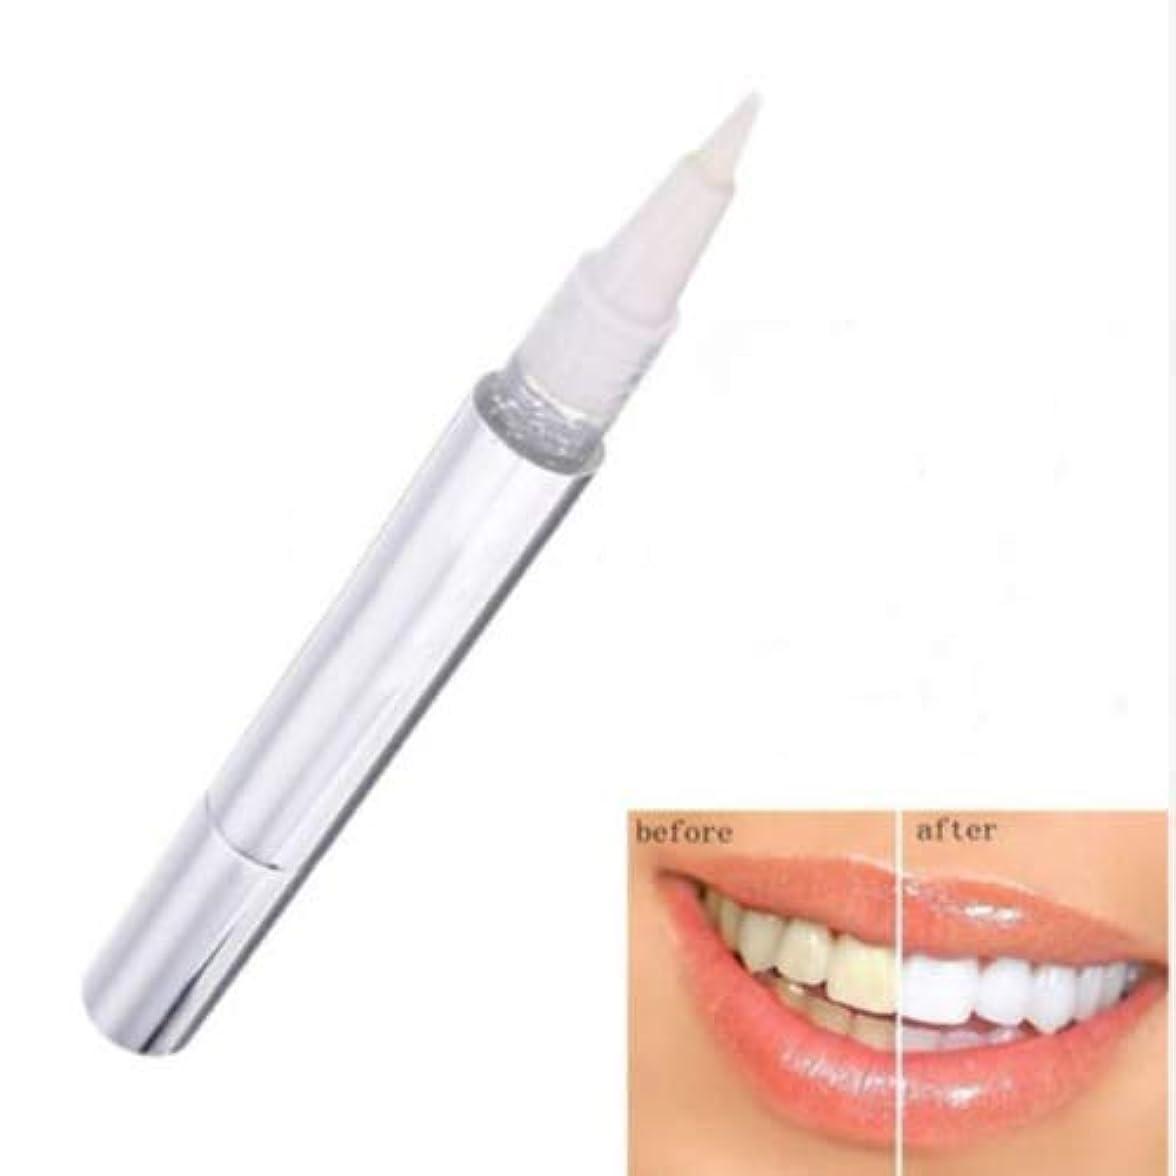 先行する型ヘア歯美白 歯ホワイトニング チャコールホワイトニング 歯ケア 美白歯磨き 歯のホワイトニング 歯マニキュア 歯美白 美白歯磨剤